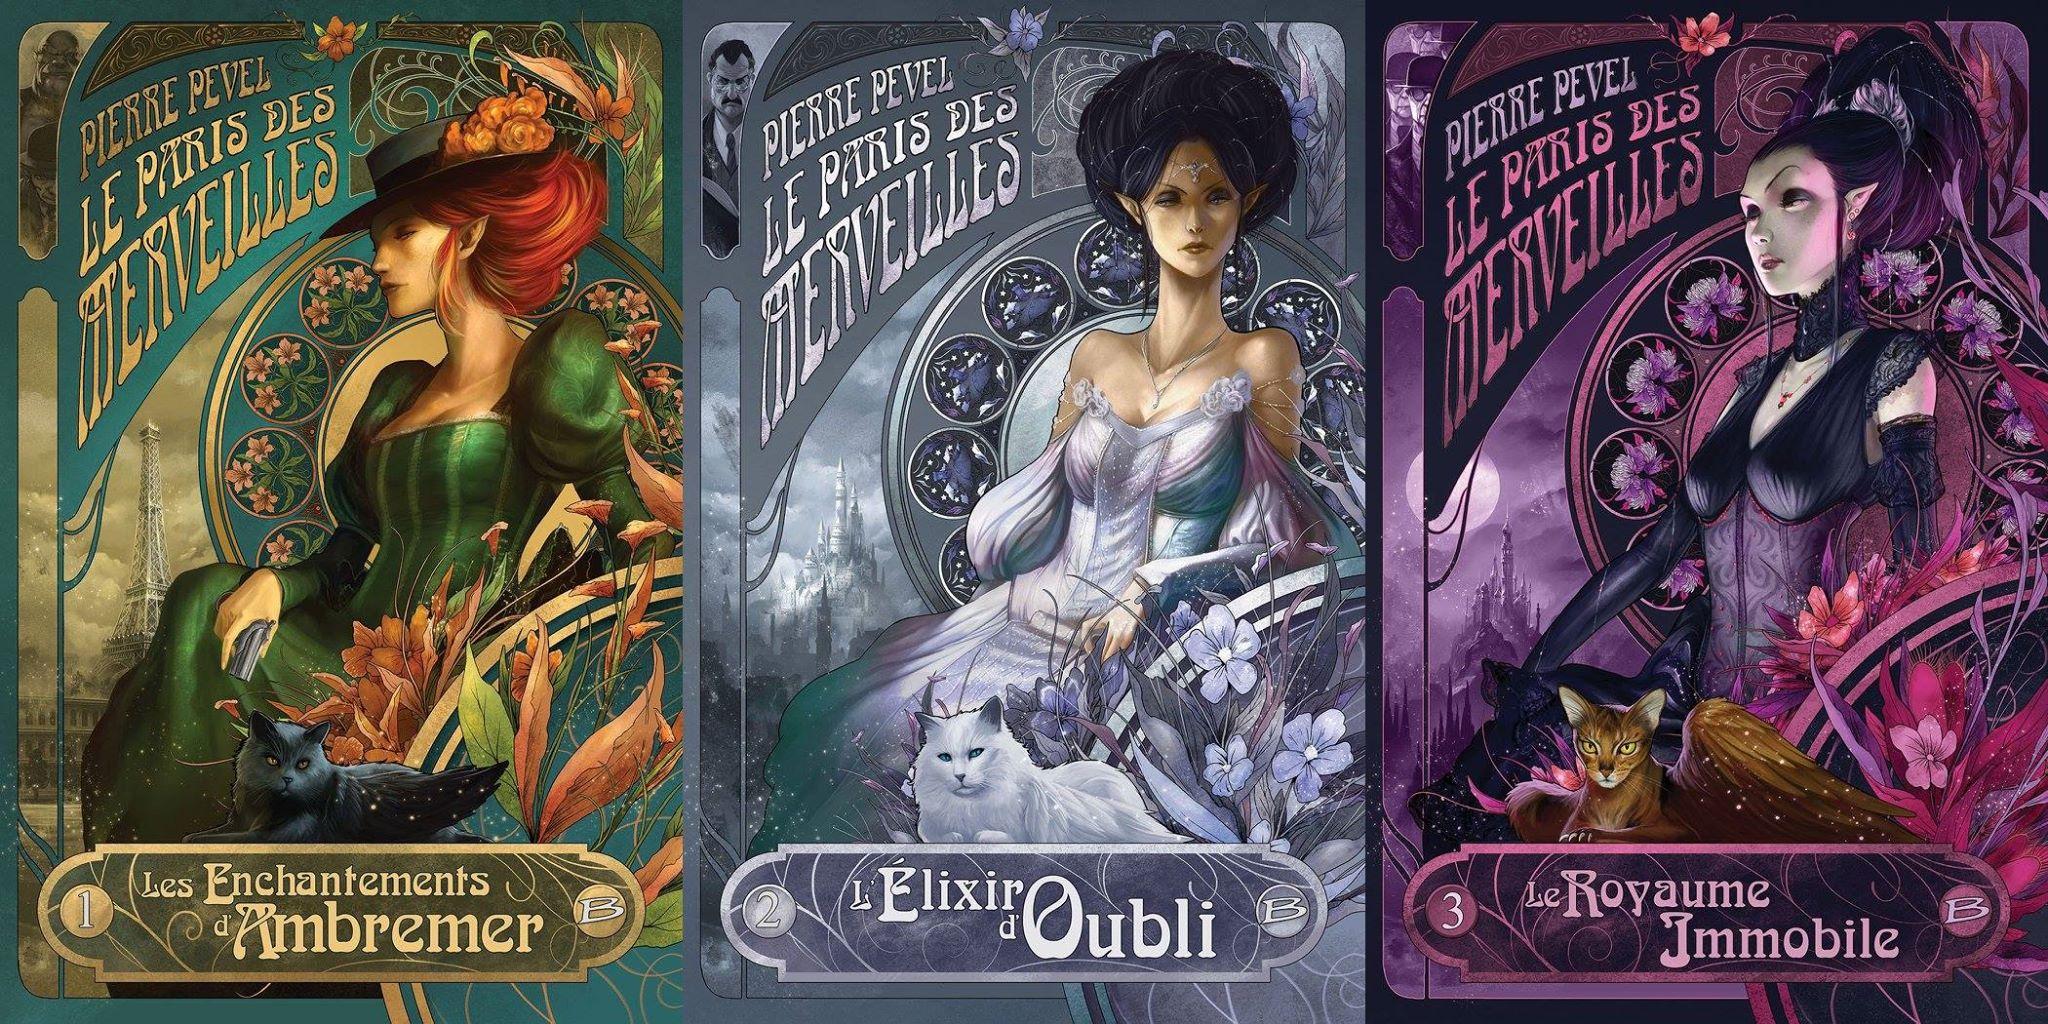 http://french-steampunk.fr/wp-content/uploads/2011/04/le-paris-des-merveilles-de-pierre-pevel.jpg